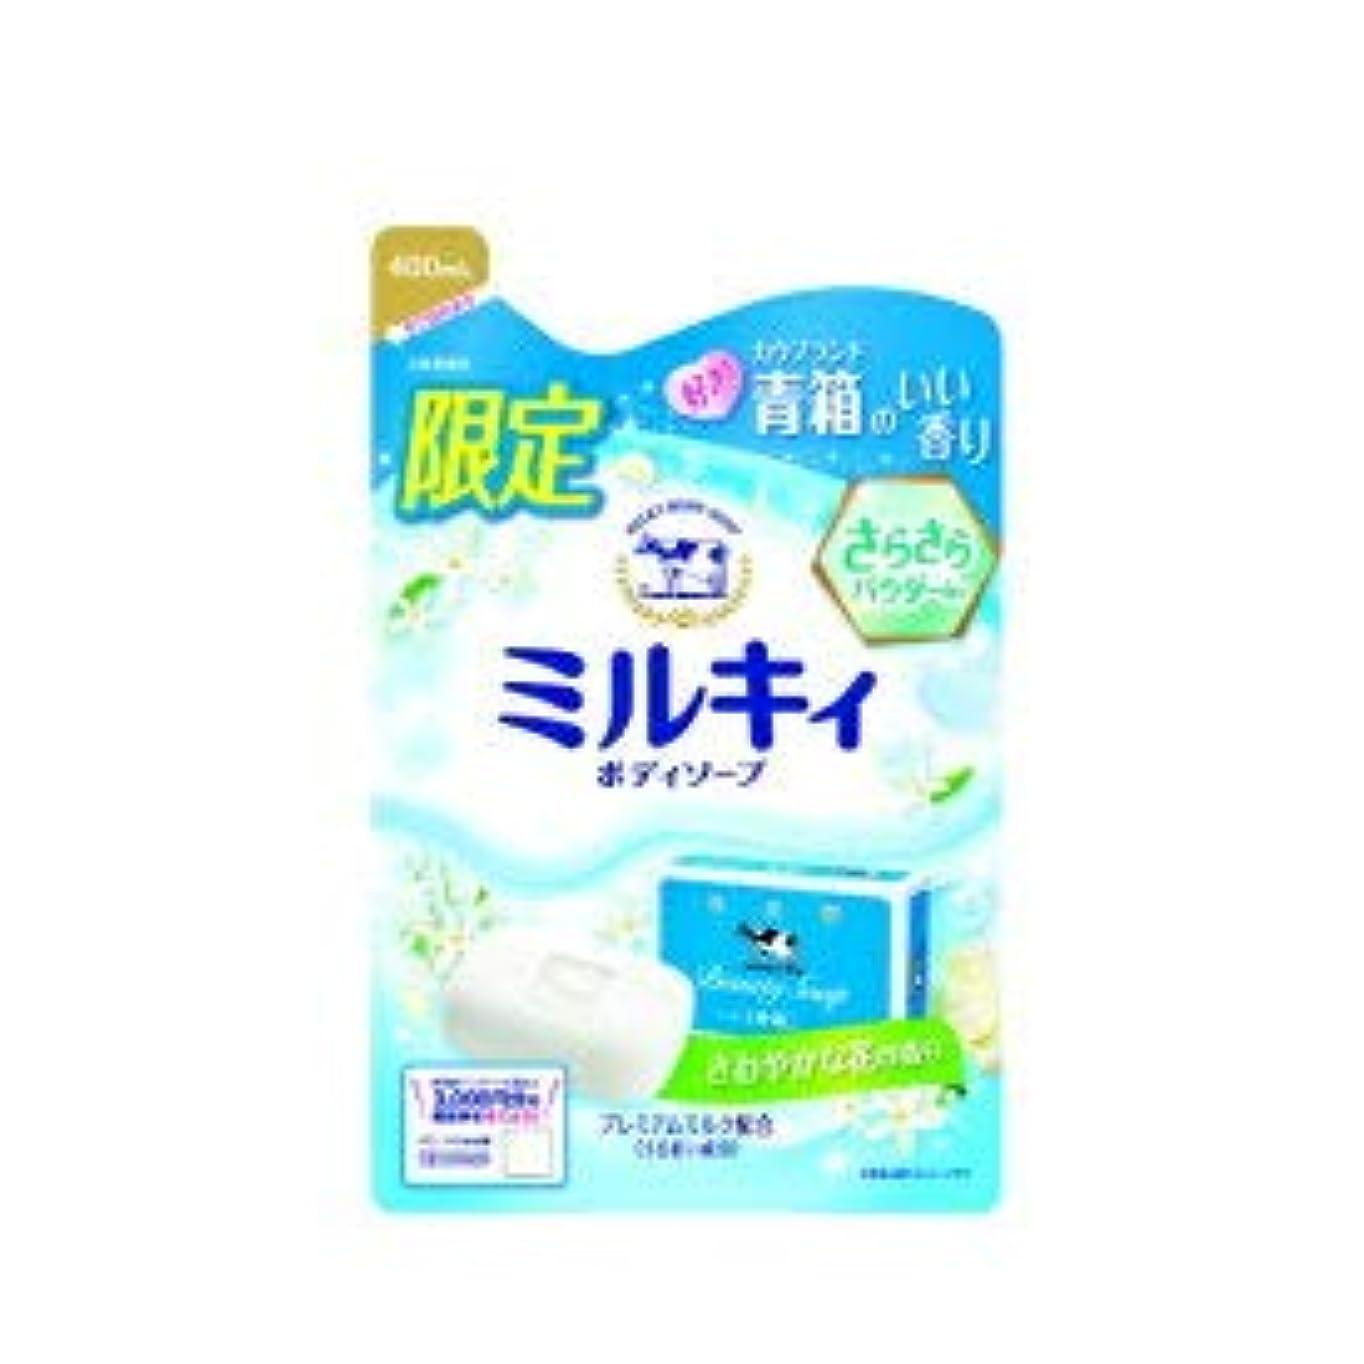 忌避剤深いシアー【限定】ミルキィボディソープ 青箱の香り 詰替 400ml